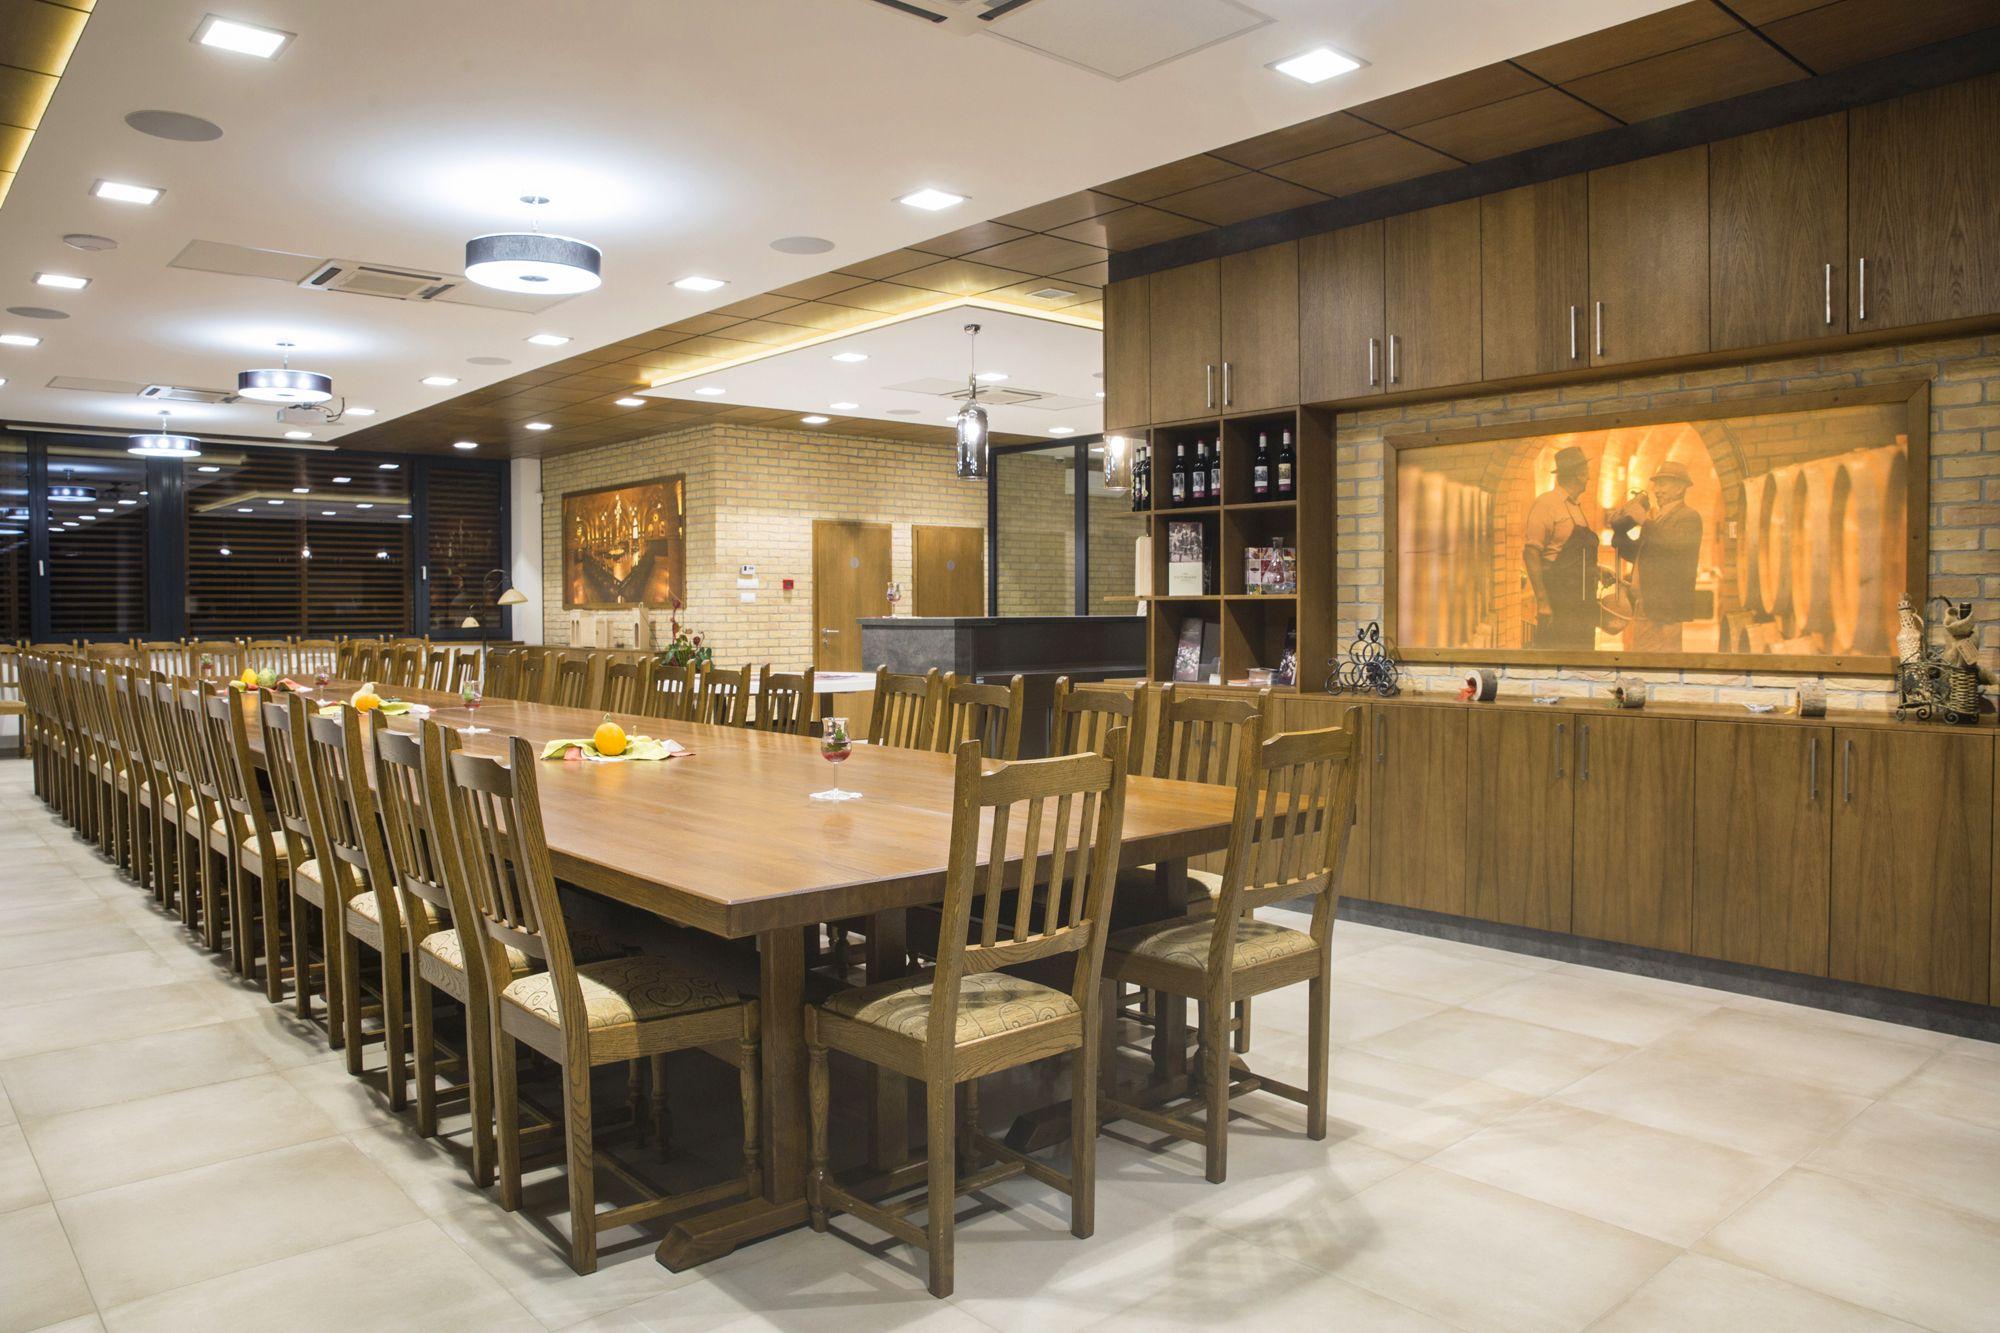 Eszterbauer bor- és vendégház belső